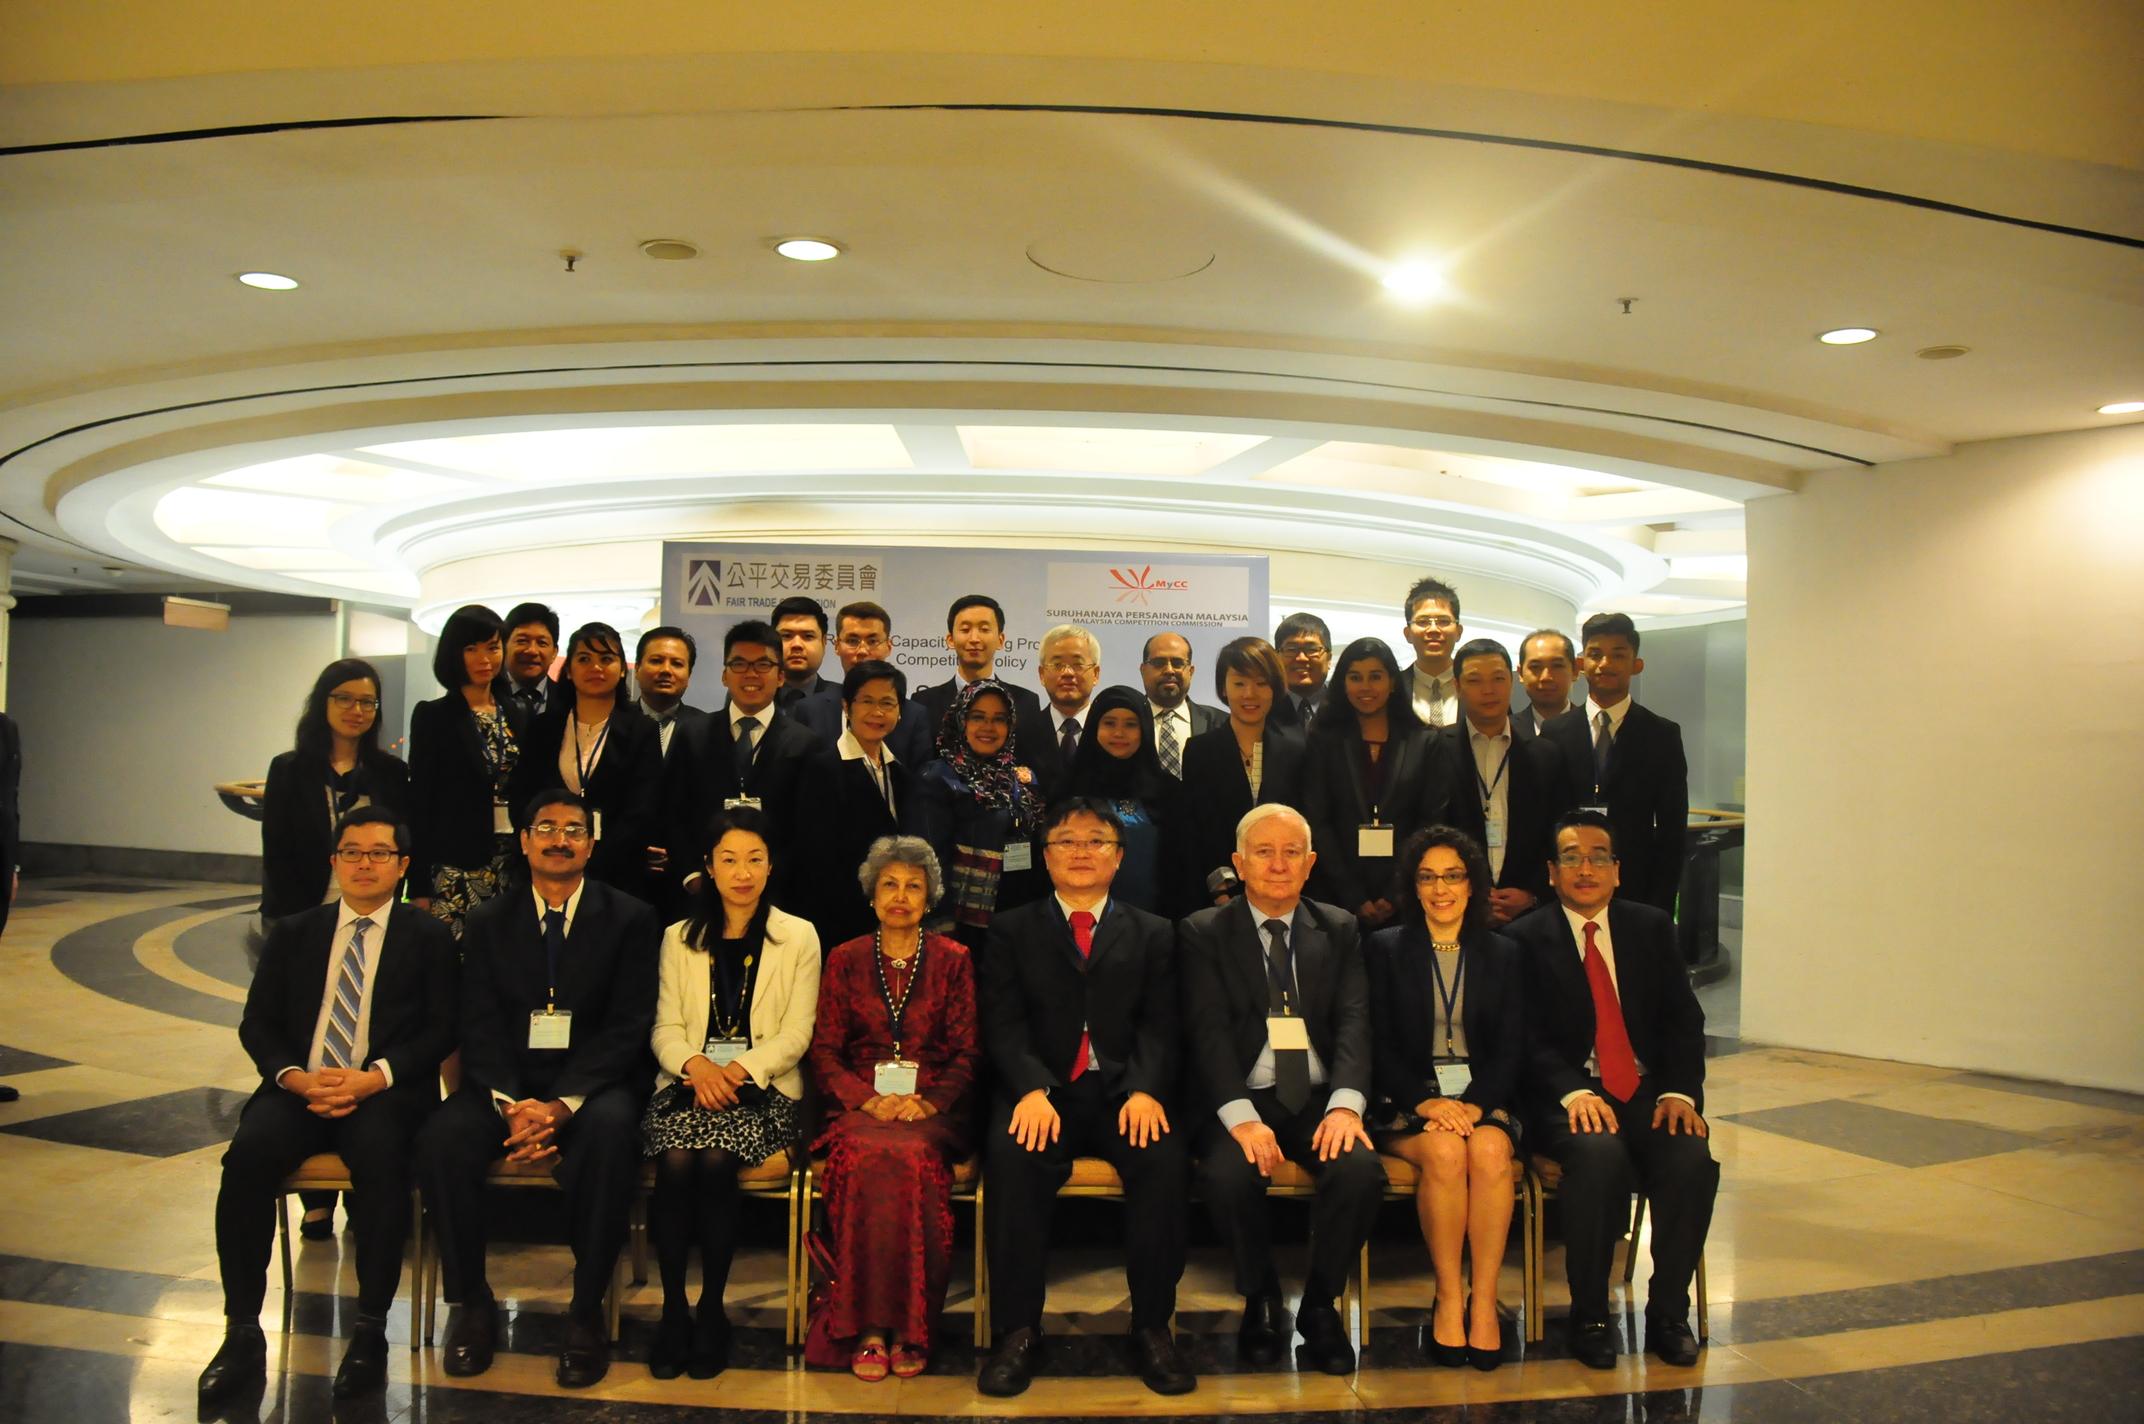 本會於馬來西亞吉隆坡舉辦區域研討會之大合照